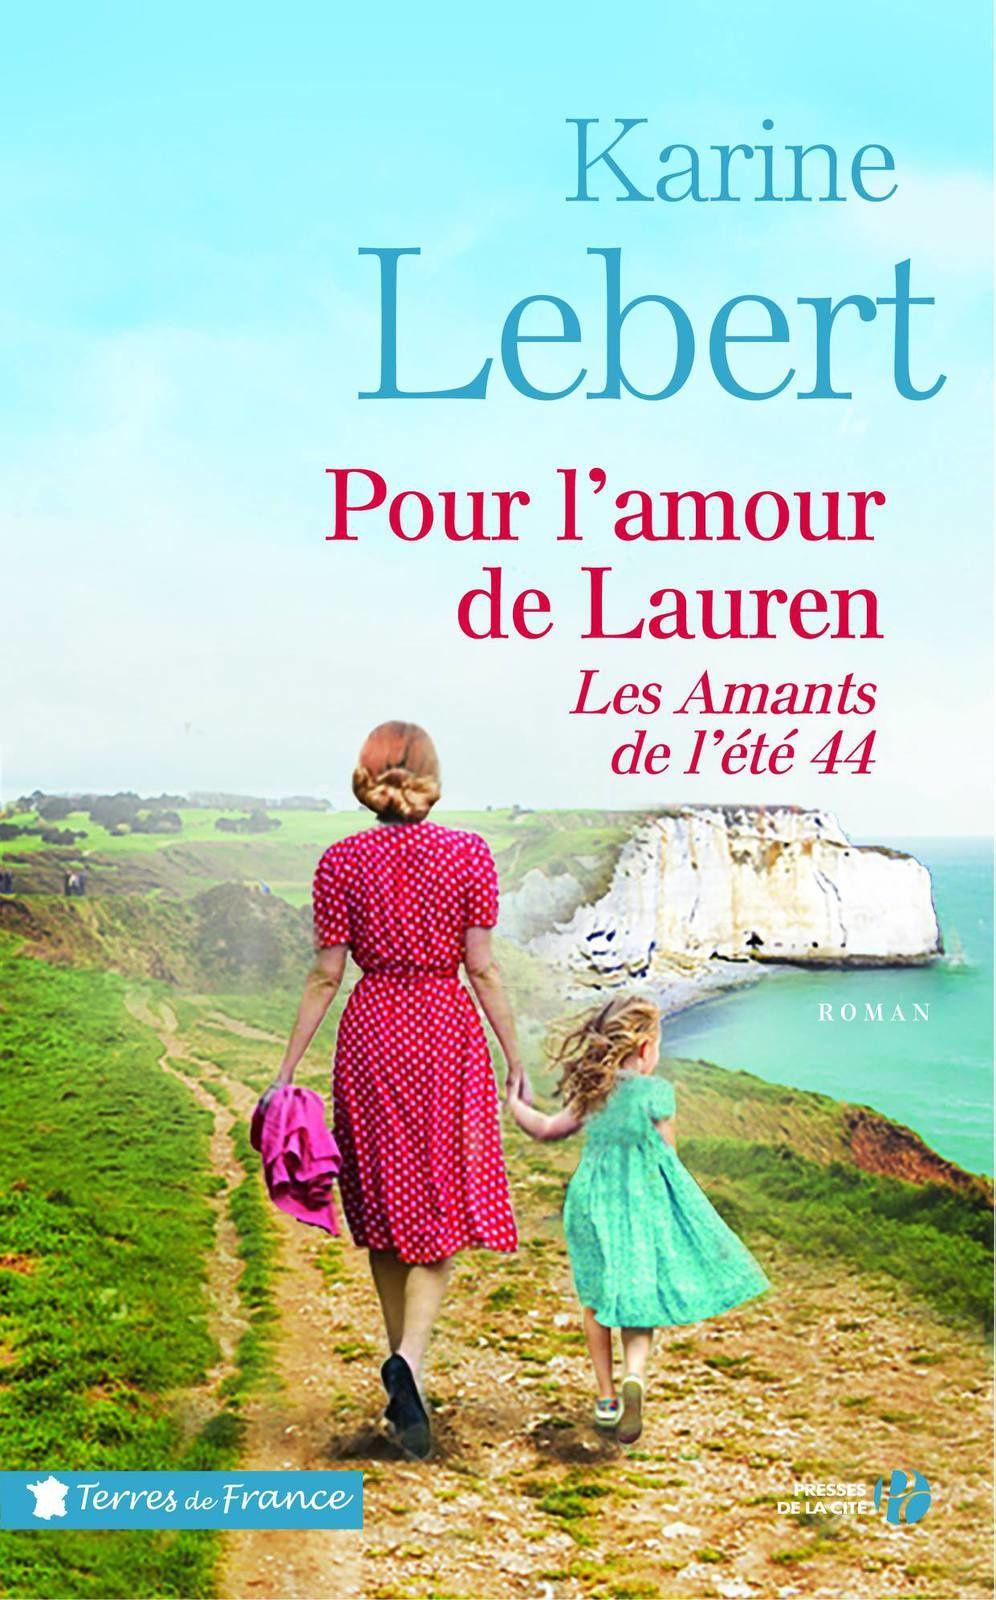 « Pour l'amour de Lauren » – Le tome 2 des « Amants de l'été 44 »